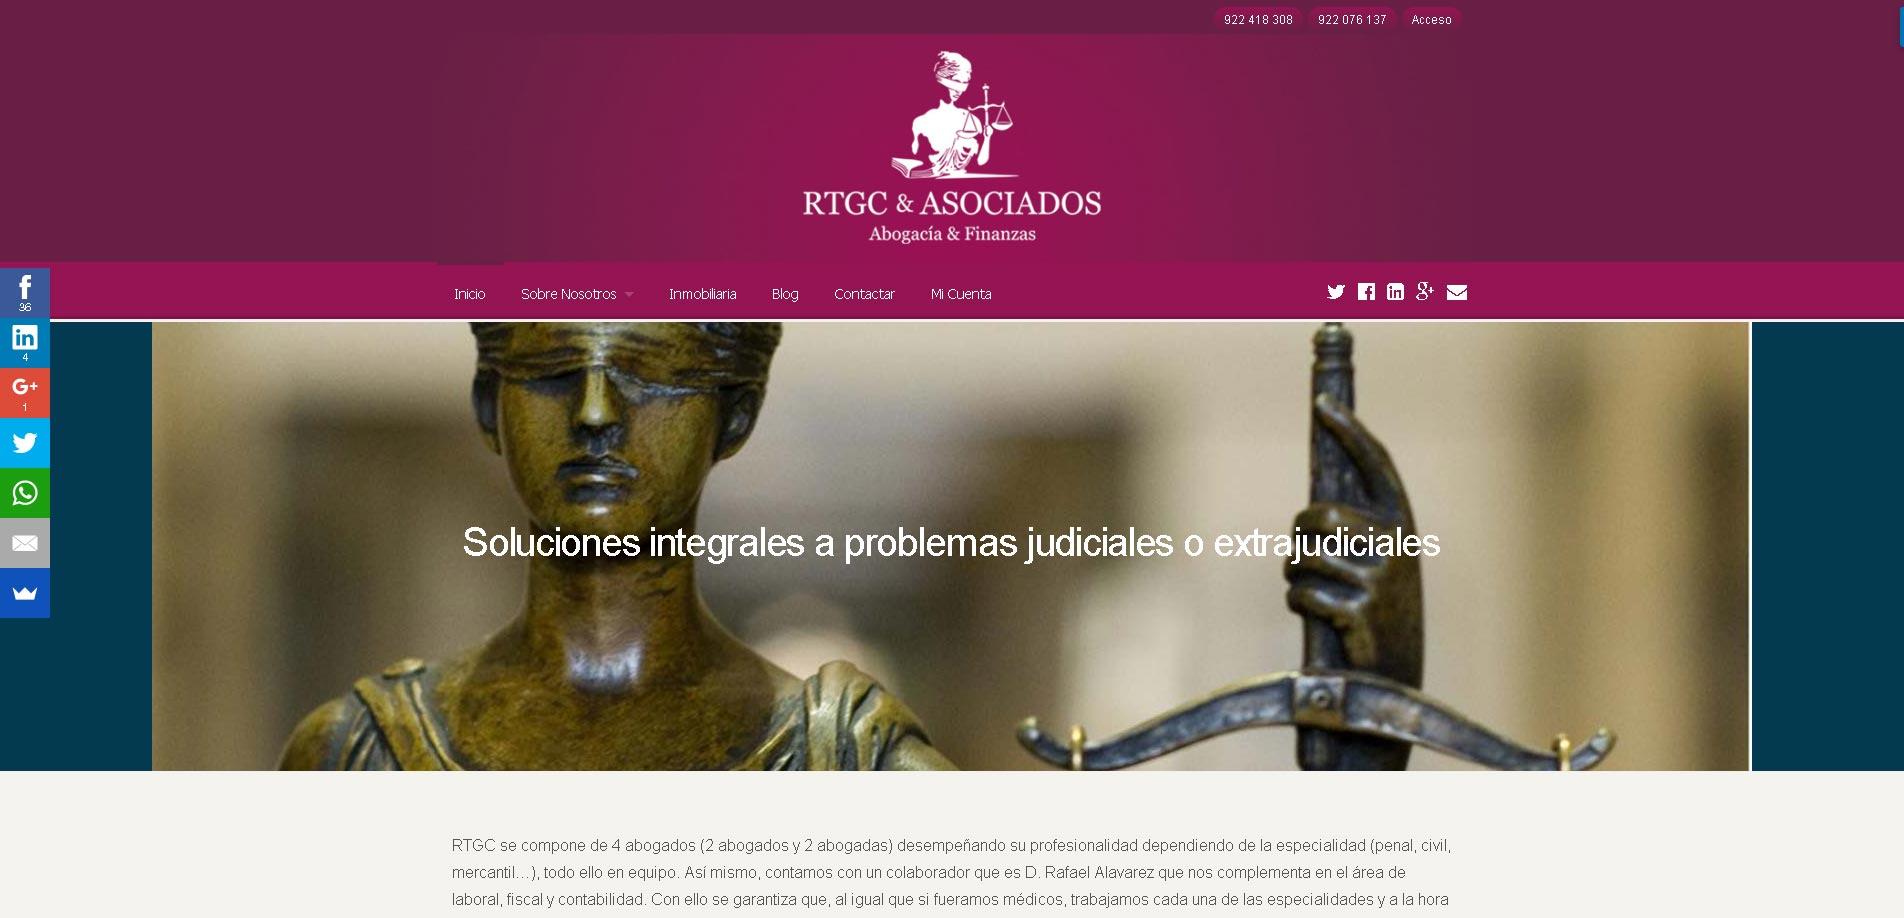 Diseño Web RTGC & ASOCIADOS · Abogacía y Finanzas